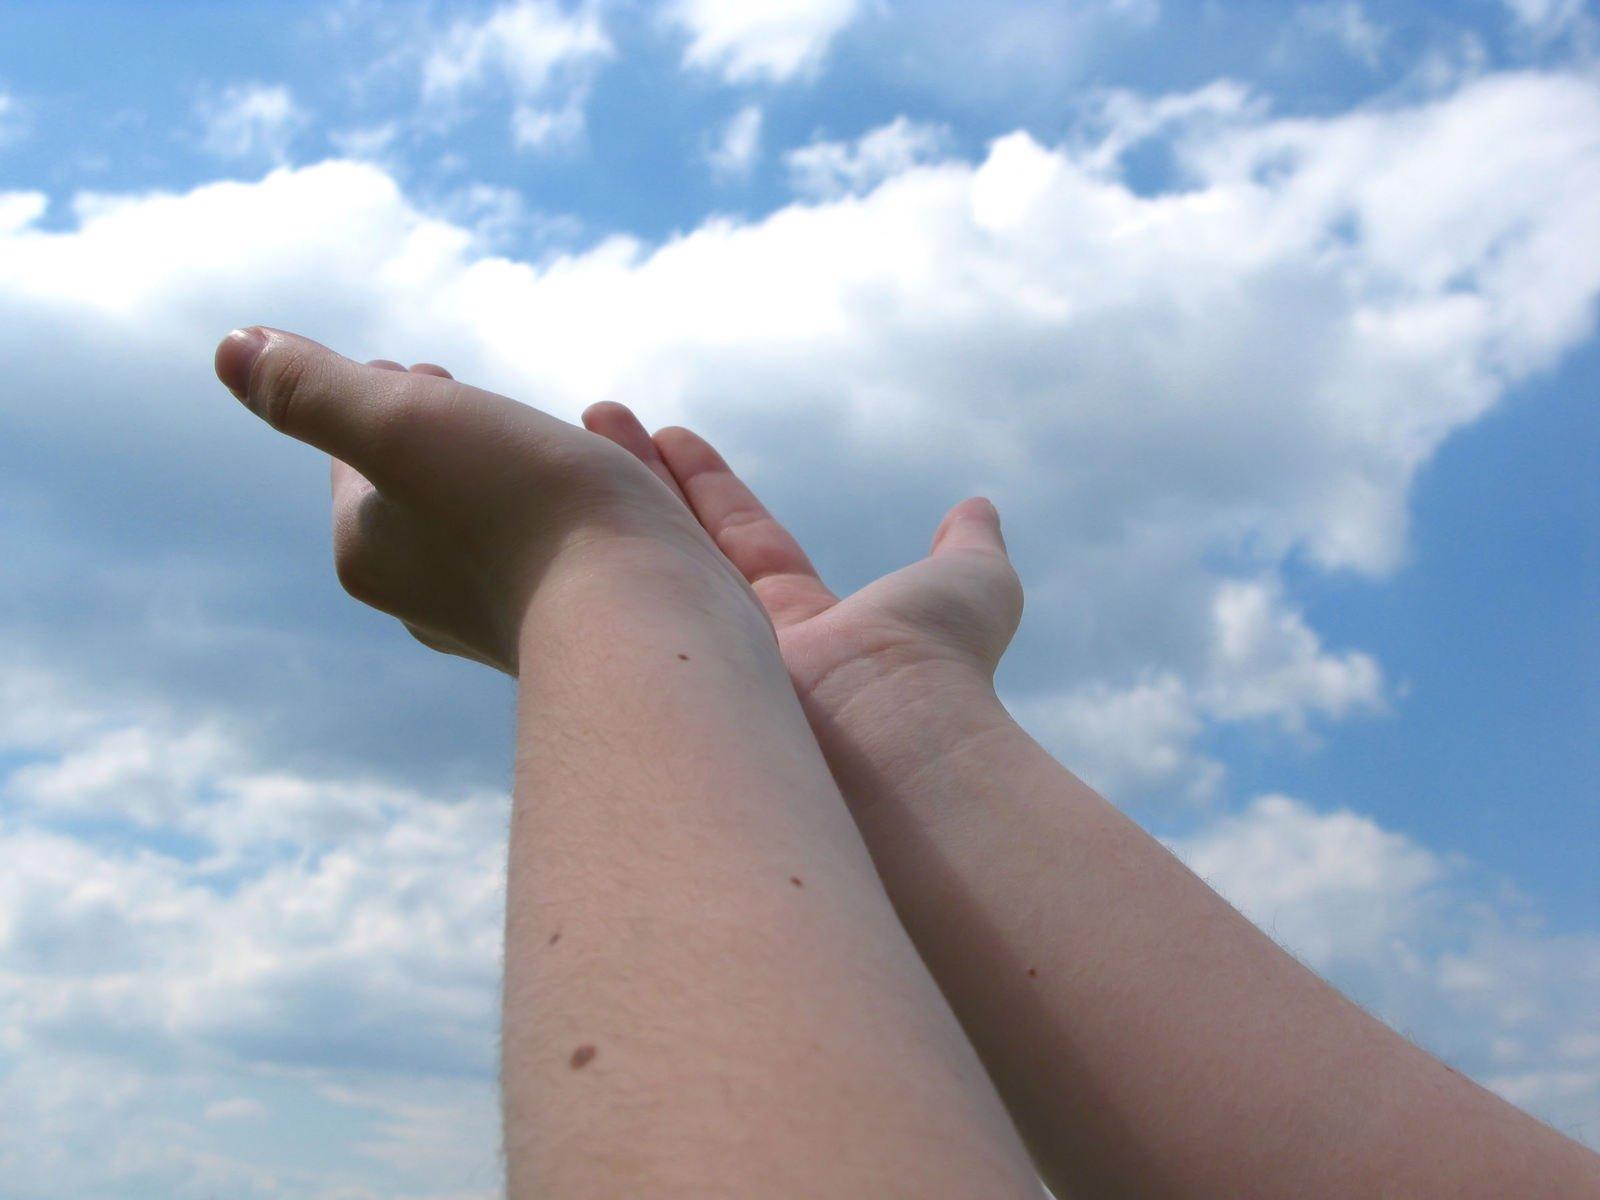 giving-hands-1245562.jpg